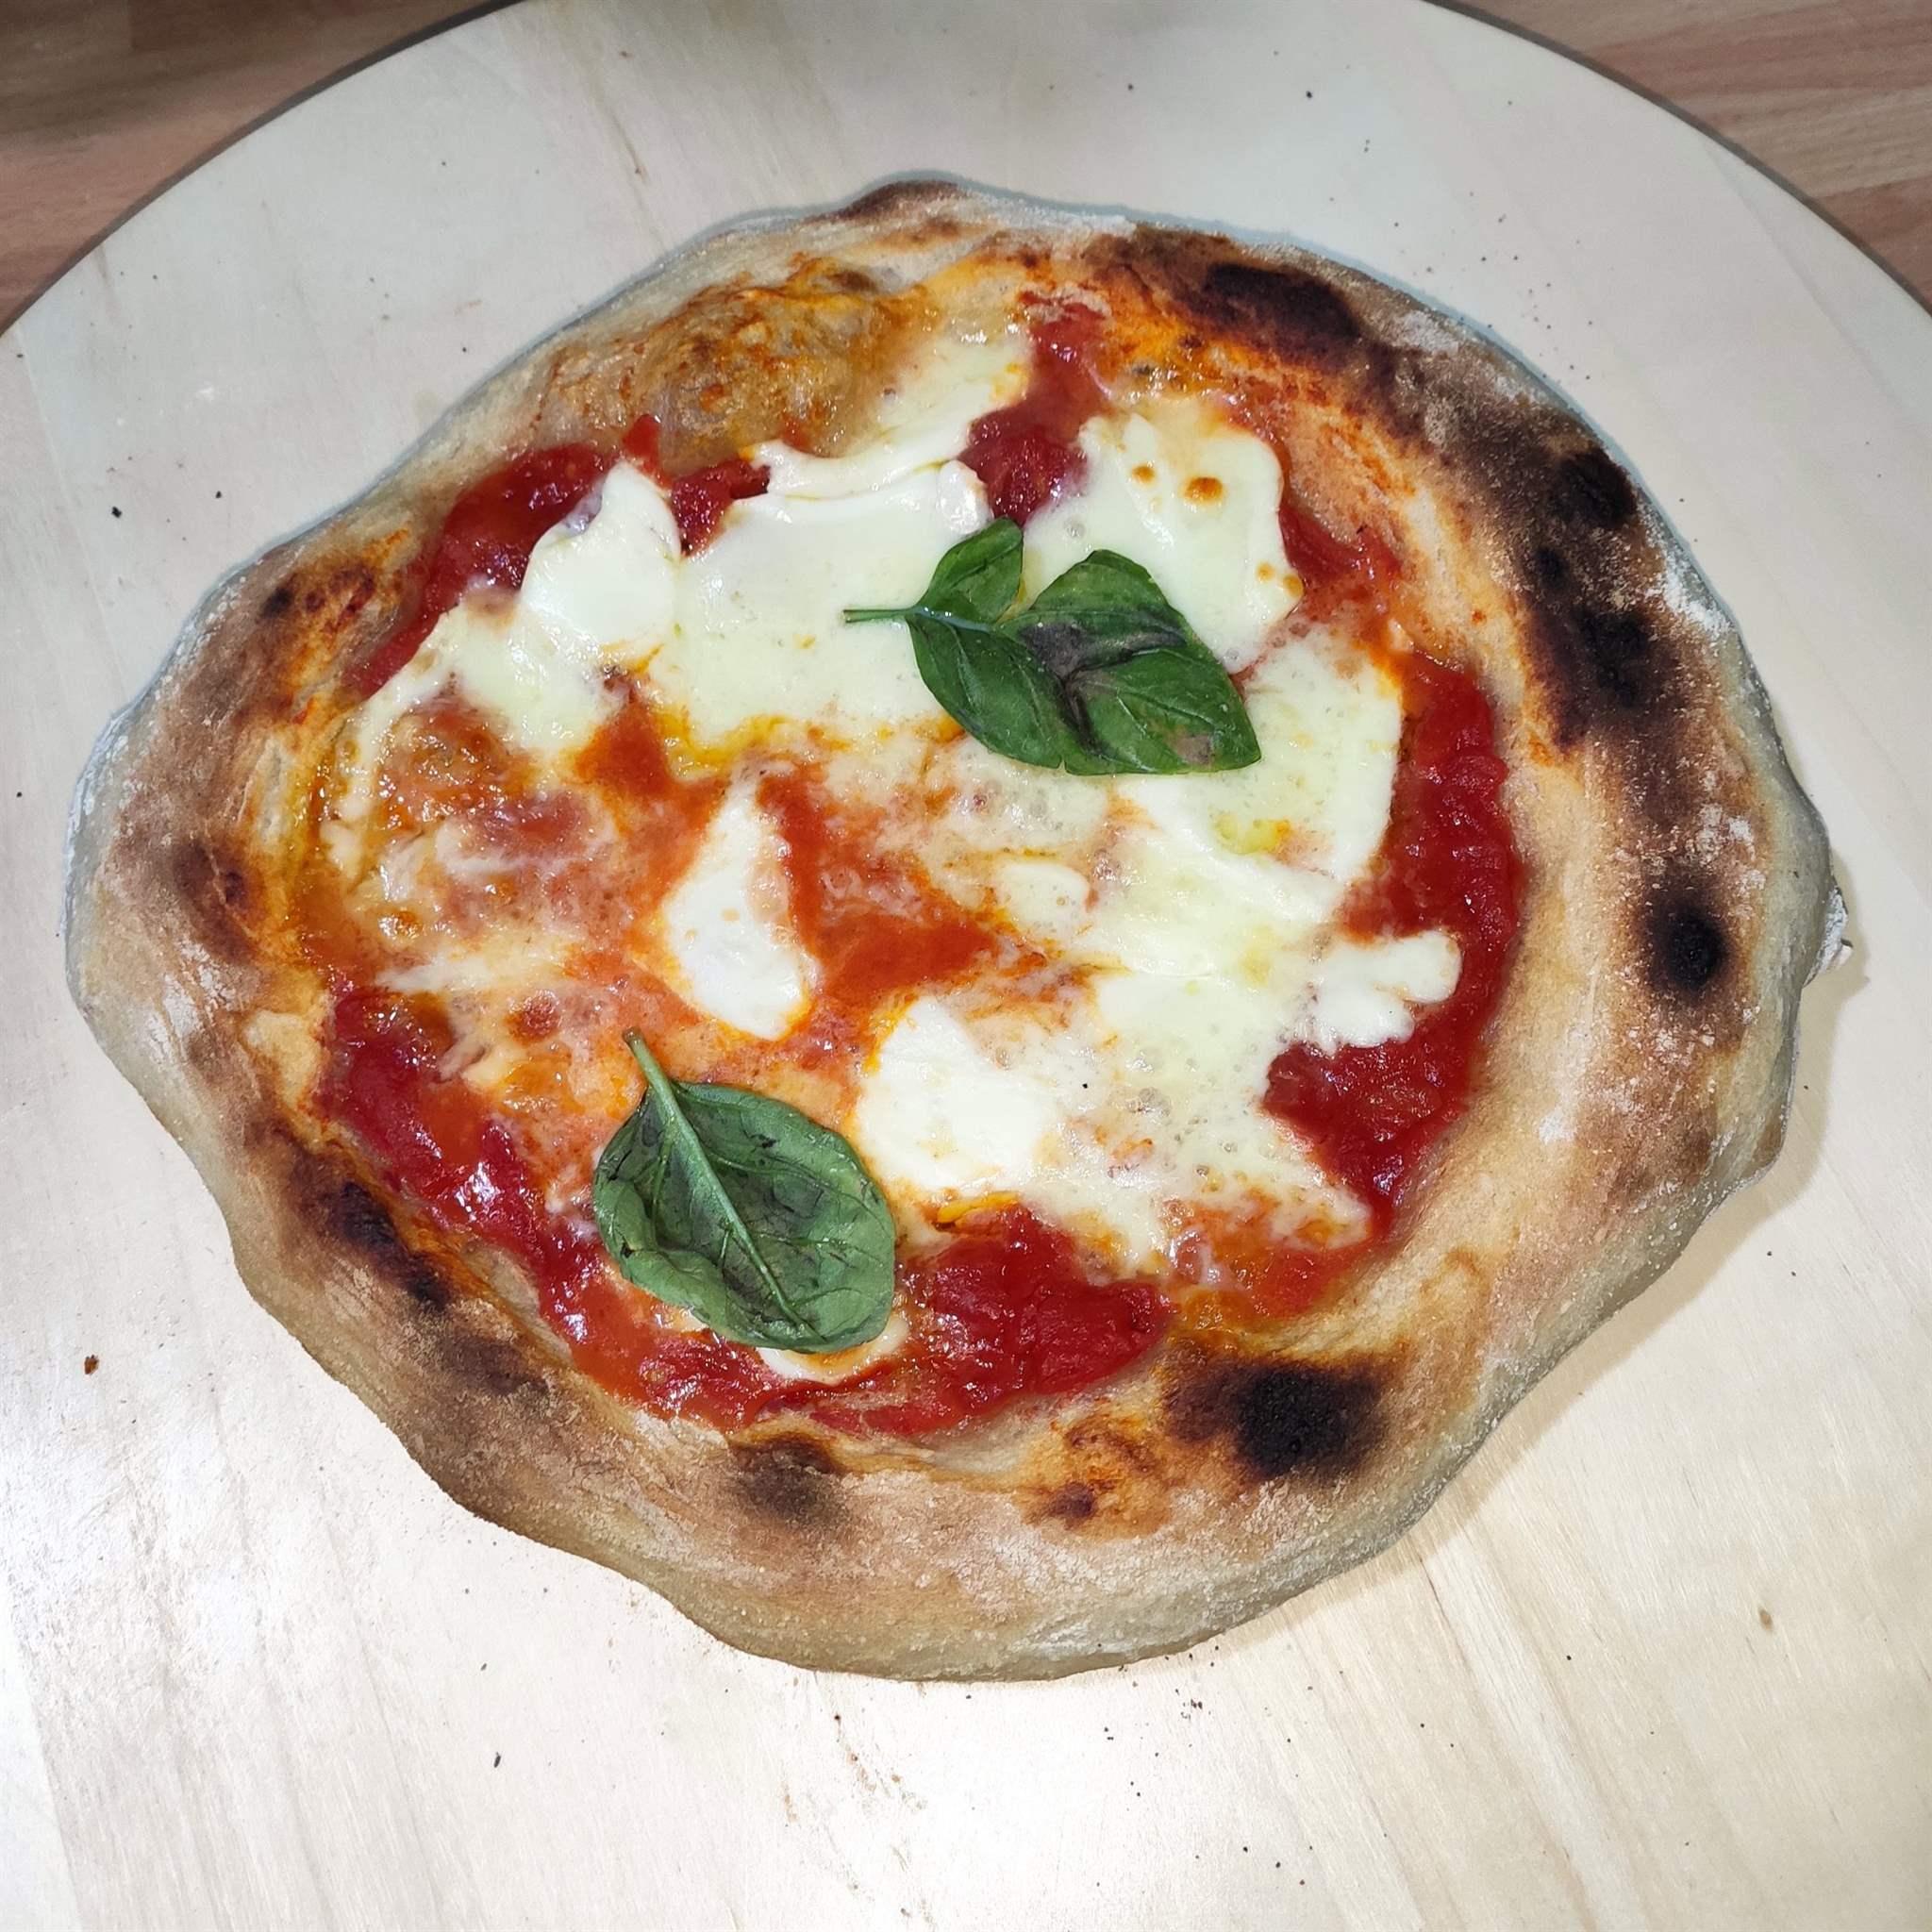 Ricetta Impasto Pizza Napoletana Planetaria.Pizza Napoletana A Lunga Lievitazione E Alta Idratazione In Cucina Con Mariatta